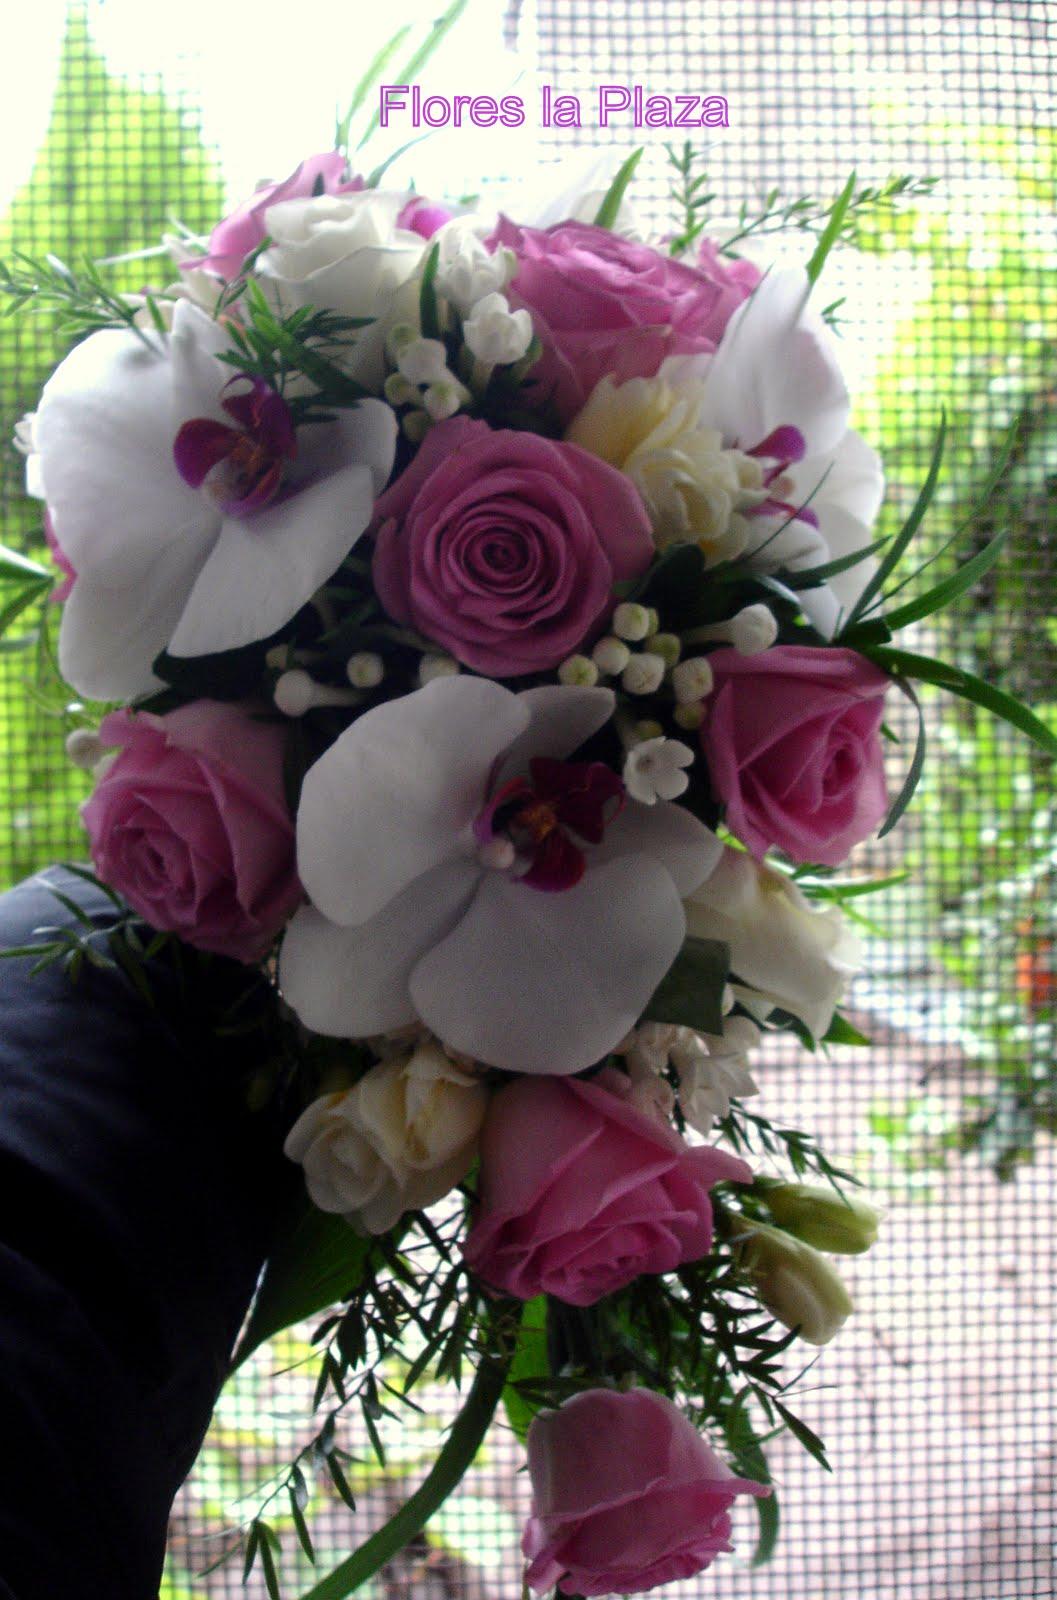 Imagenes de Ramos de Flores - Imagenes De Ramos De Flores Y Rosas